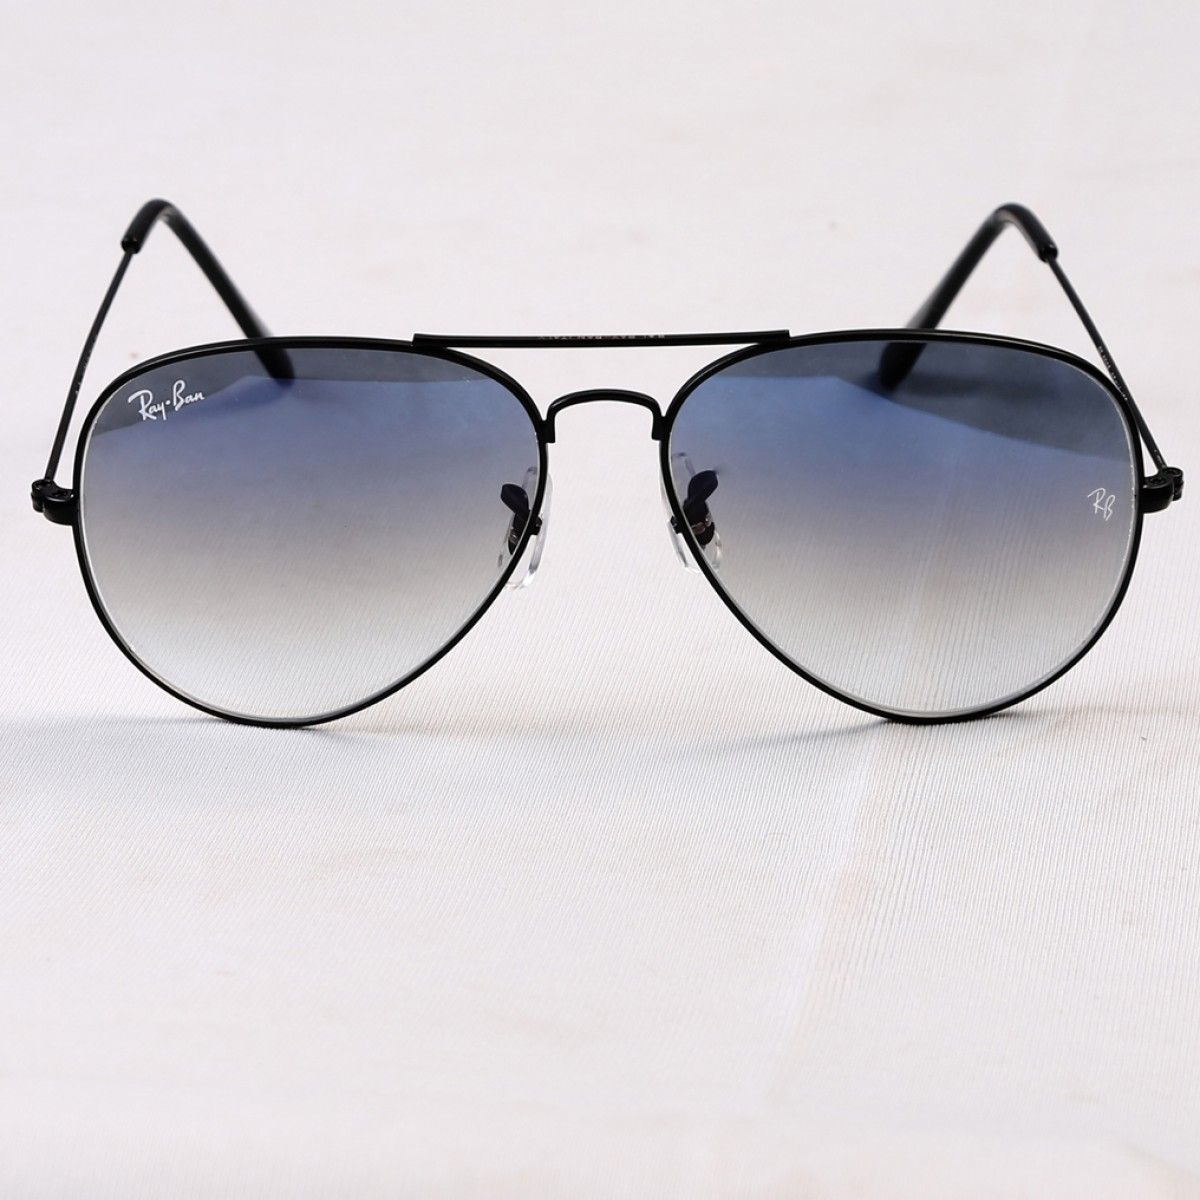 Aviator blue shade black frame Sunglasses, Black frame